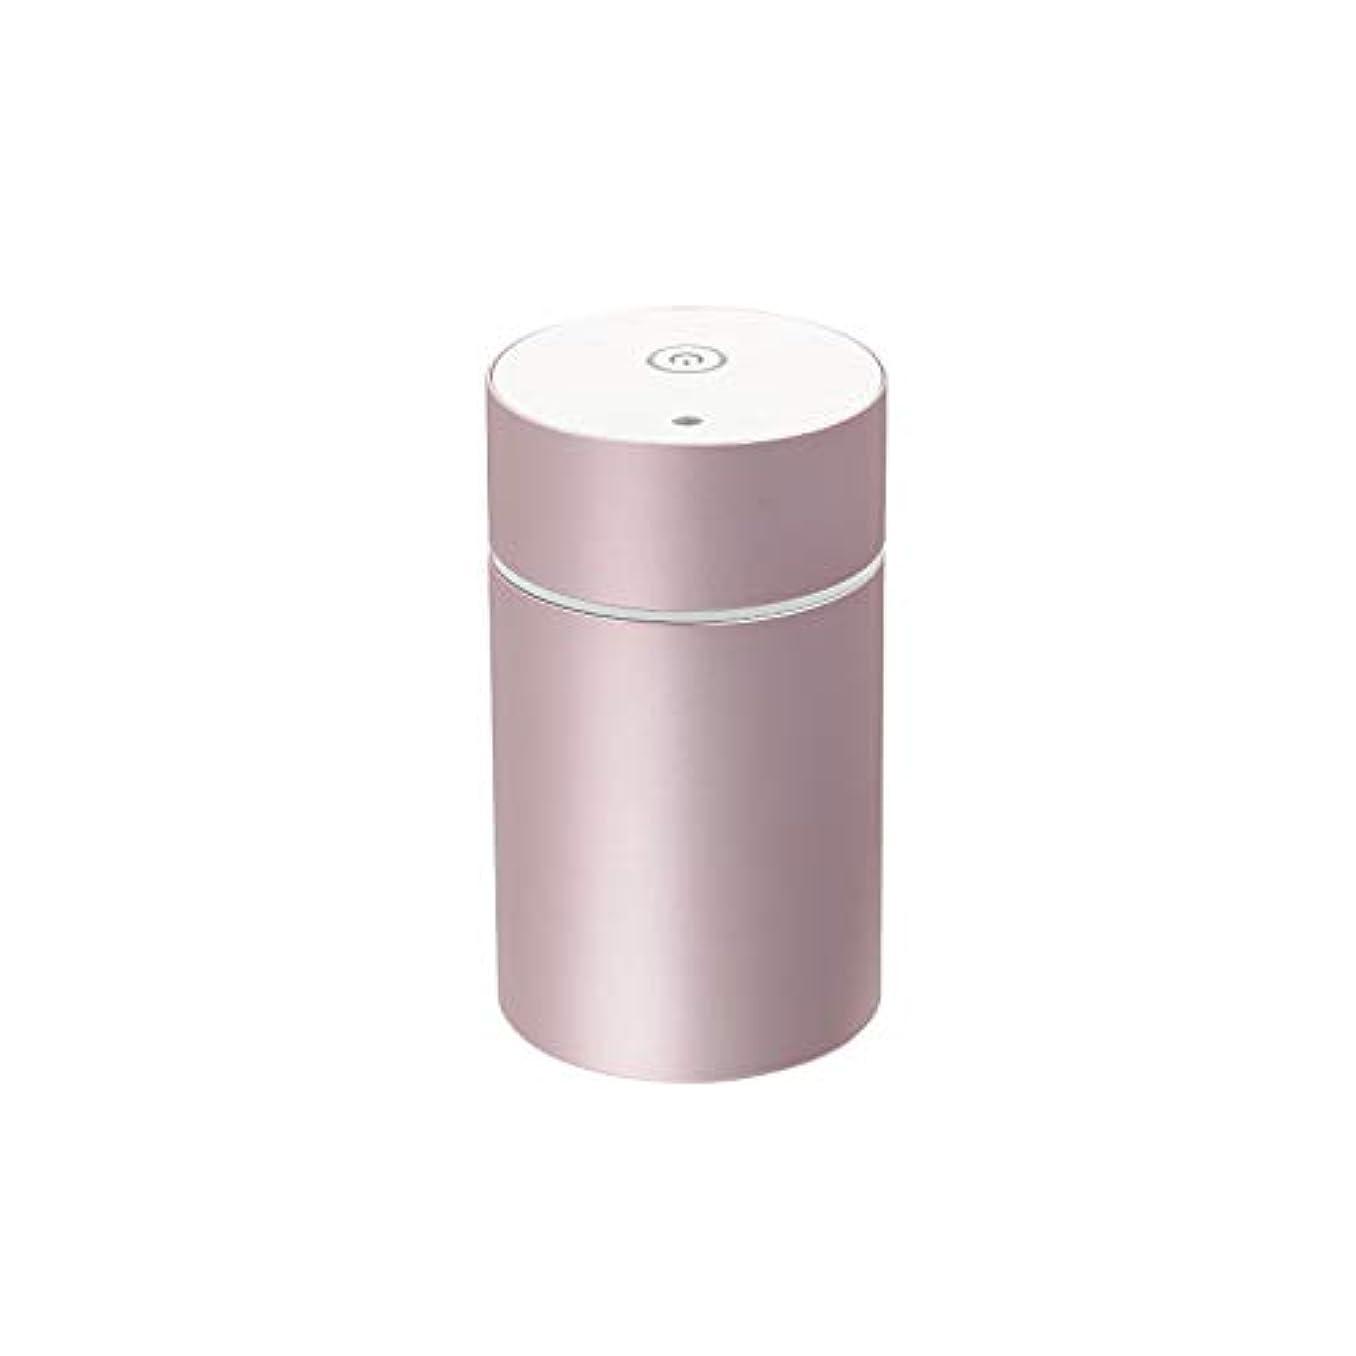 手数料同意するお気に入り生活の木 アロマディフューザー(ピンク)aromore mini(アロモアミニ) 08-801-7020